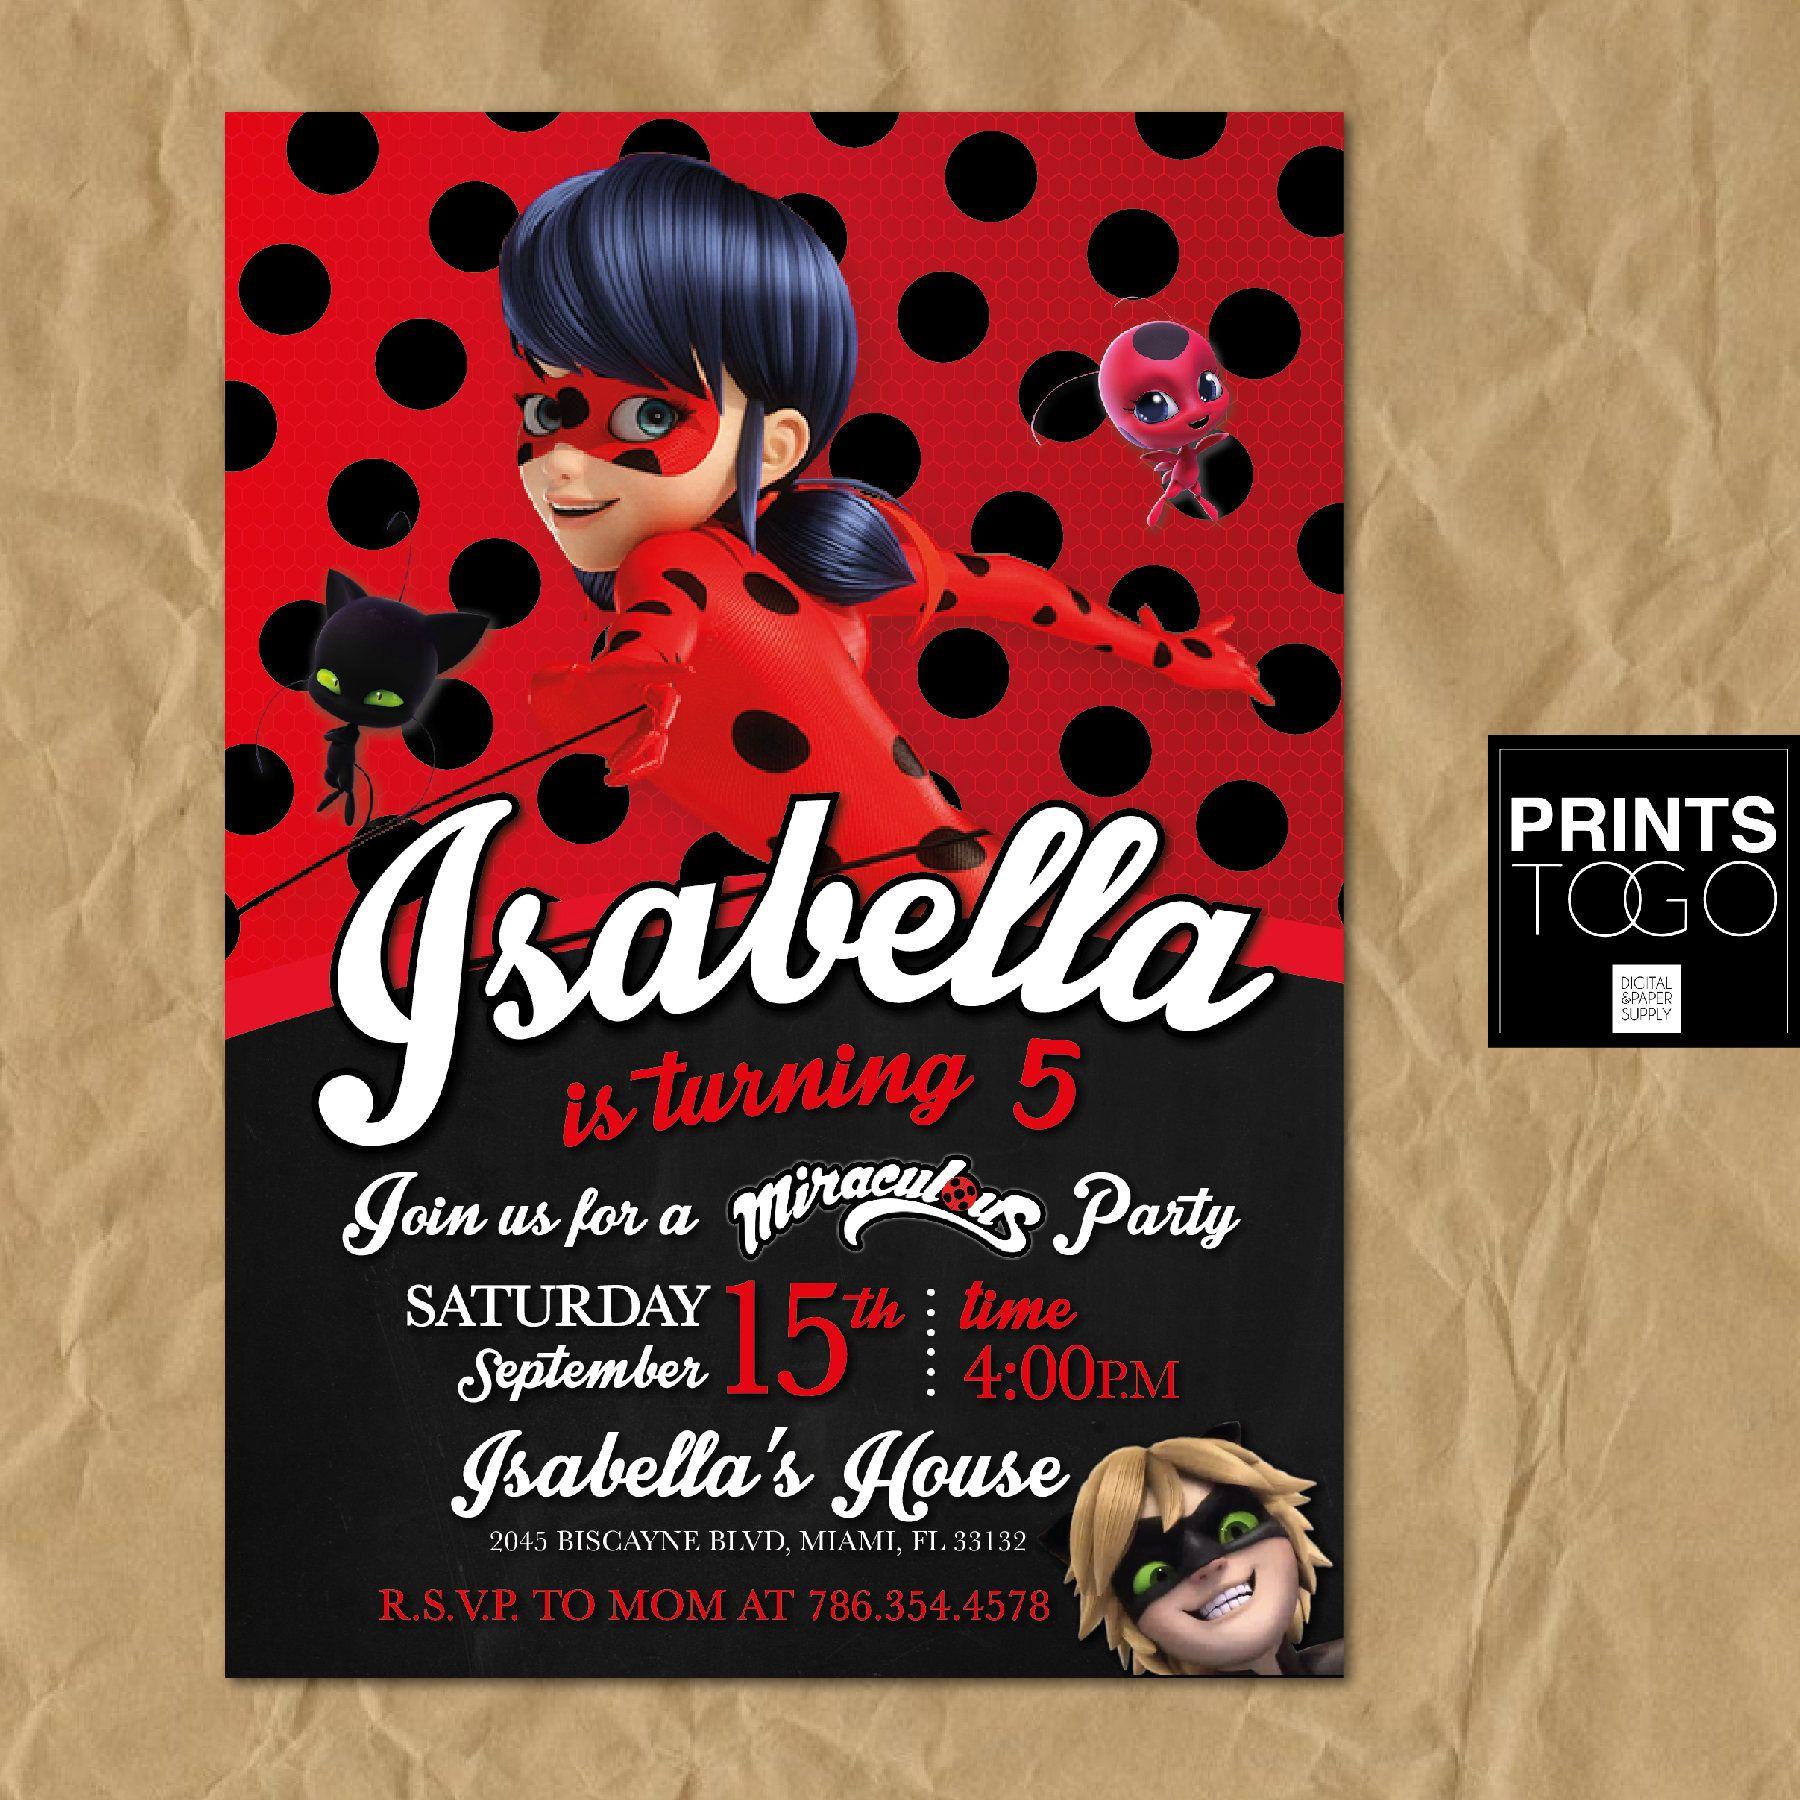 Miraculous Ladybug Invitation Digital Printable Invite